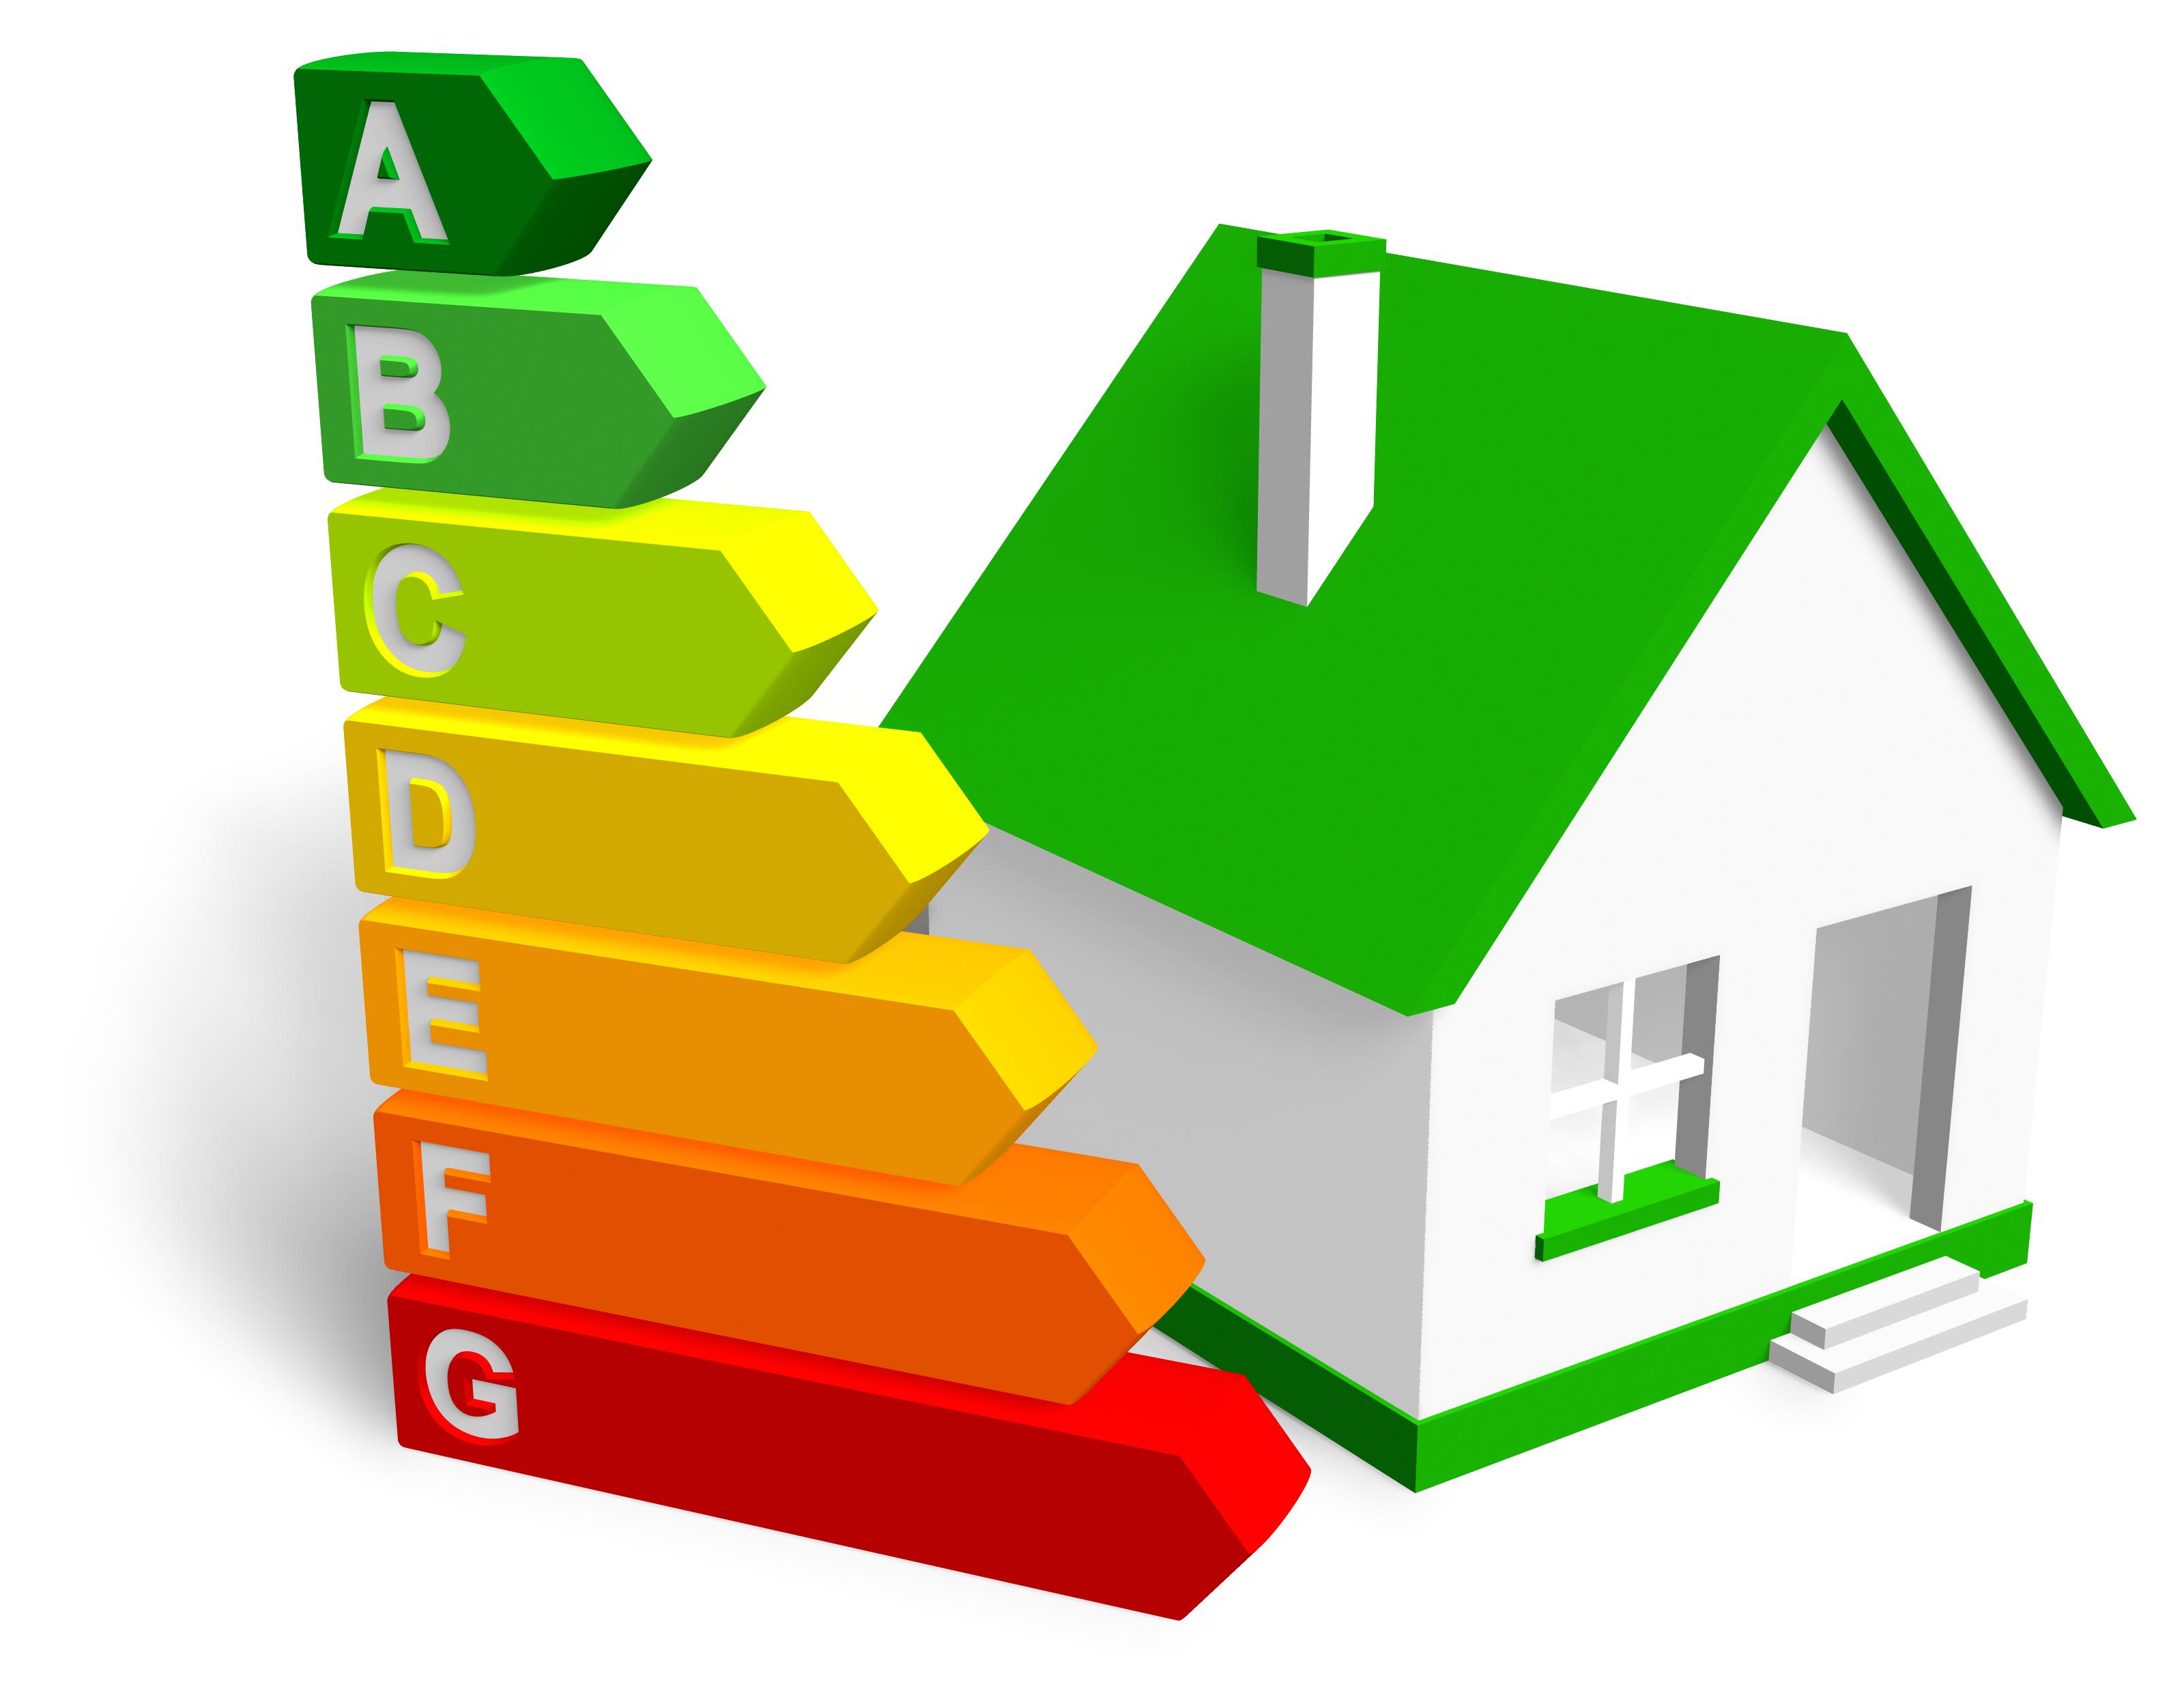 La seria obligaci n de tramitar el certificado energetico area gestio fincas inmobiliaria - Area gestio llavaneres ...